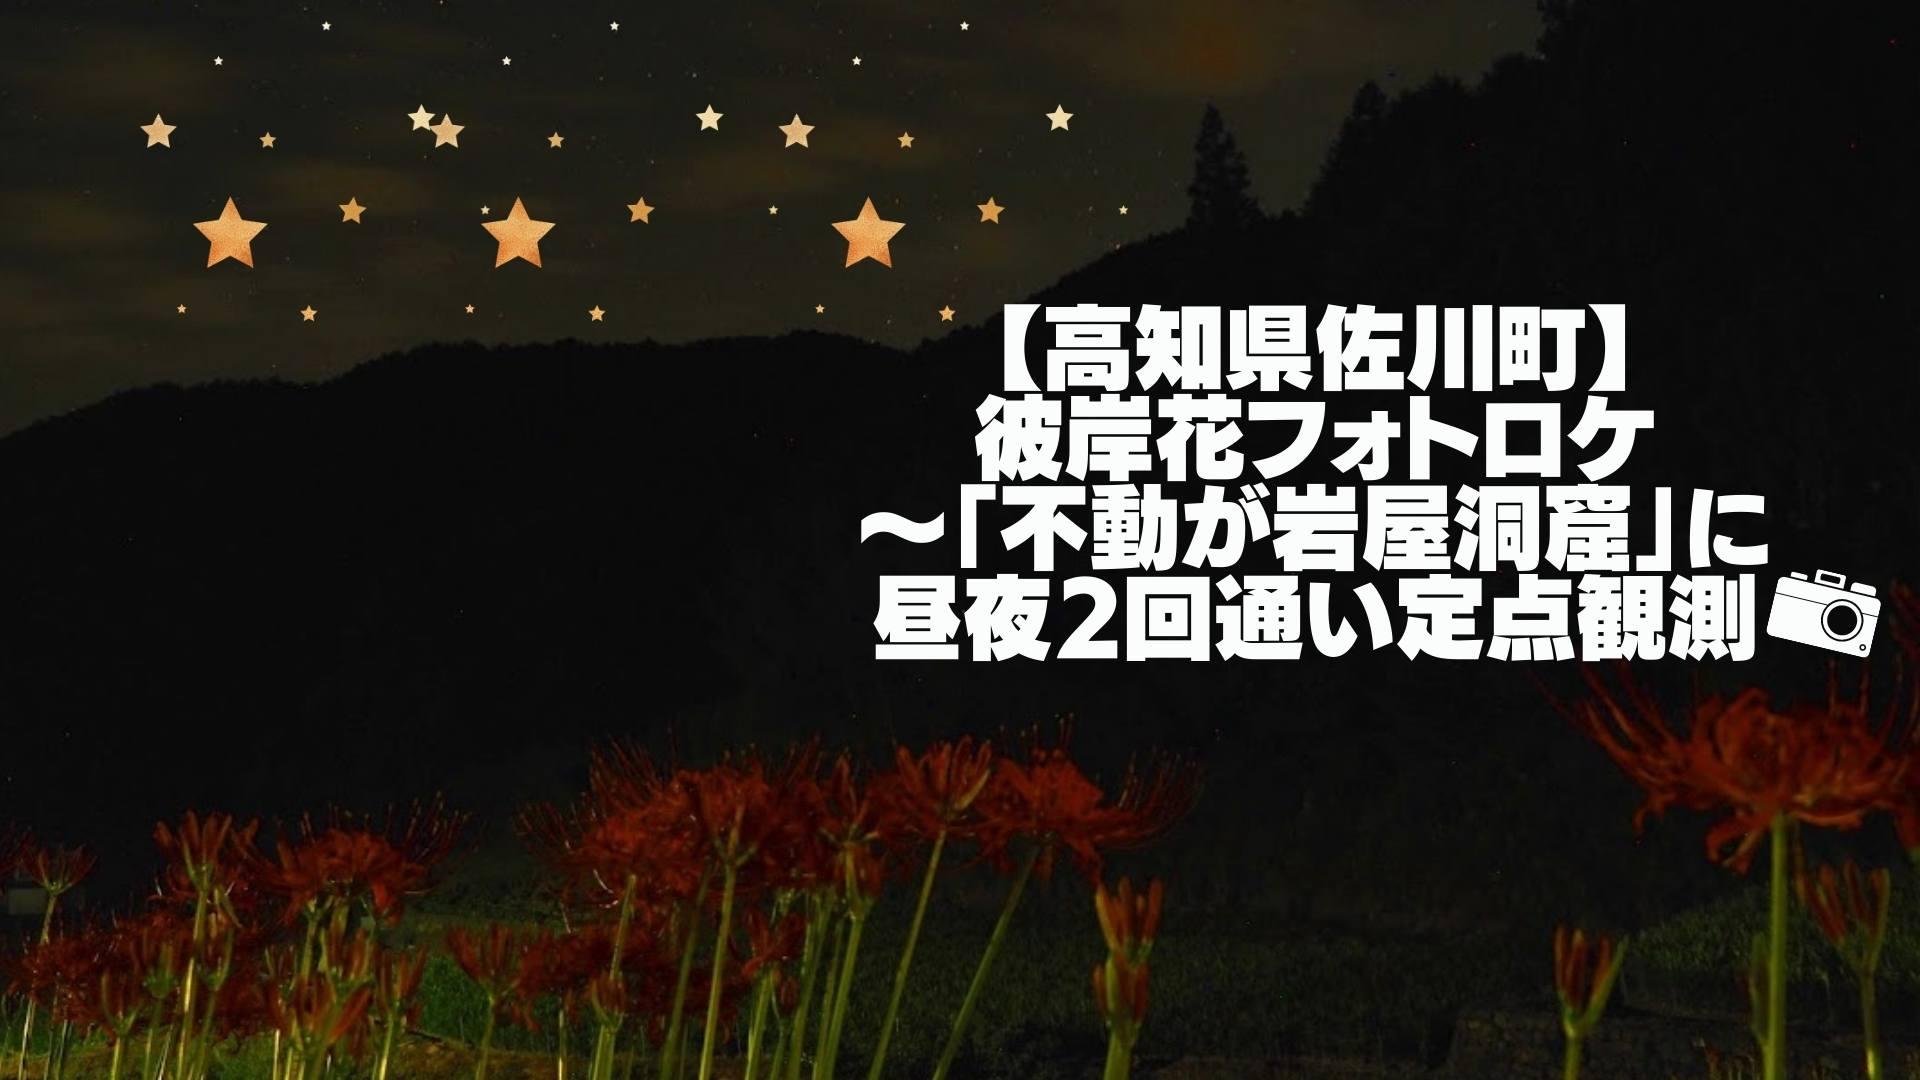 【高知県佐川町】彼岸花フォトロケ〜「不動が岩屋洞窟」に昼夜2回通い定点観測